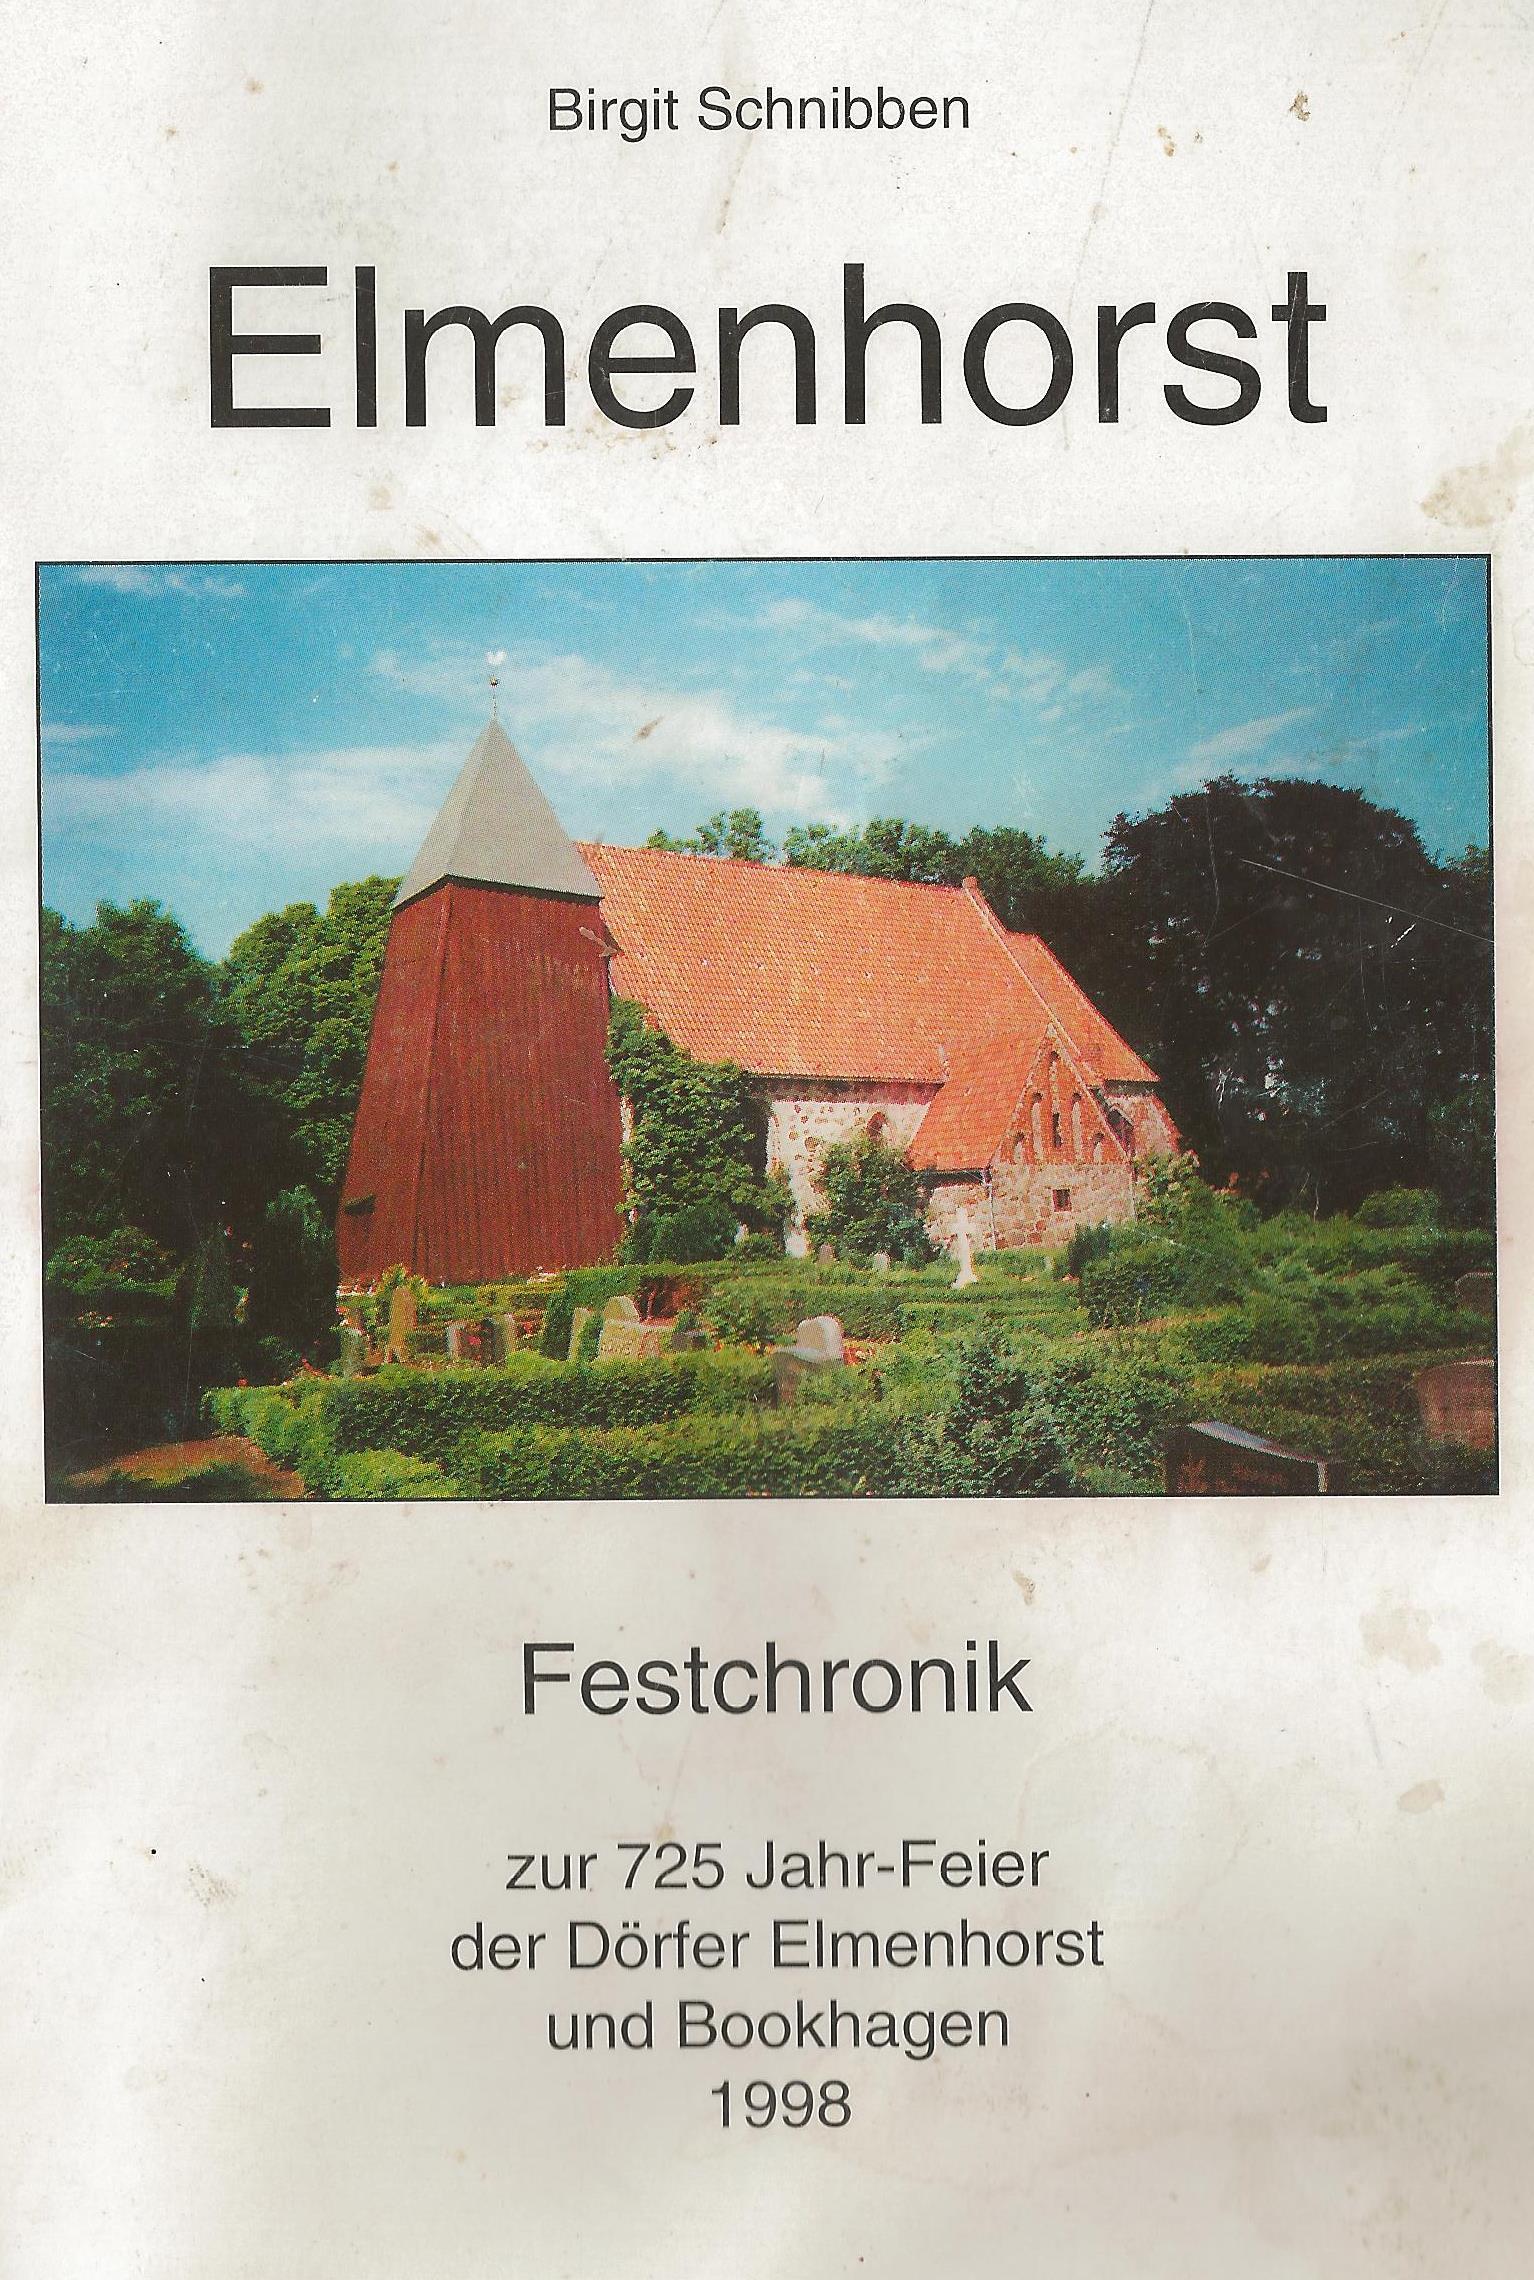 Cover und Inhaltsverzeichnis (Seiten 001 - 008)